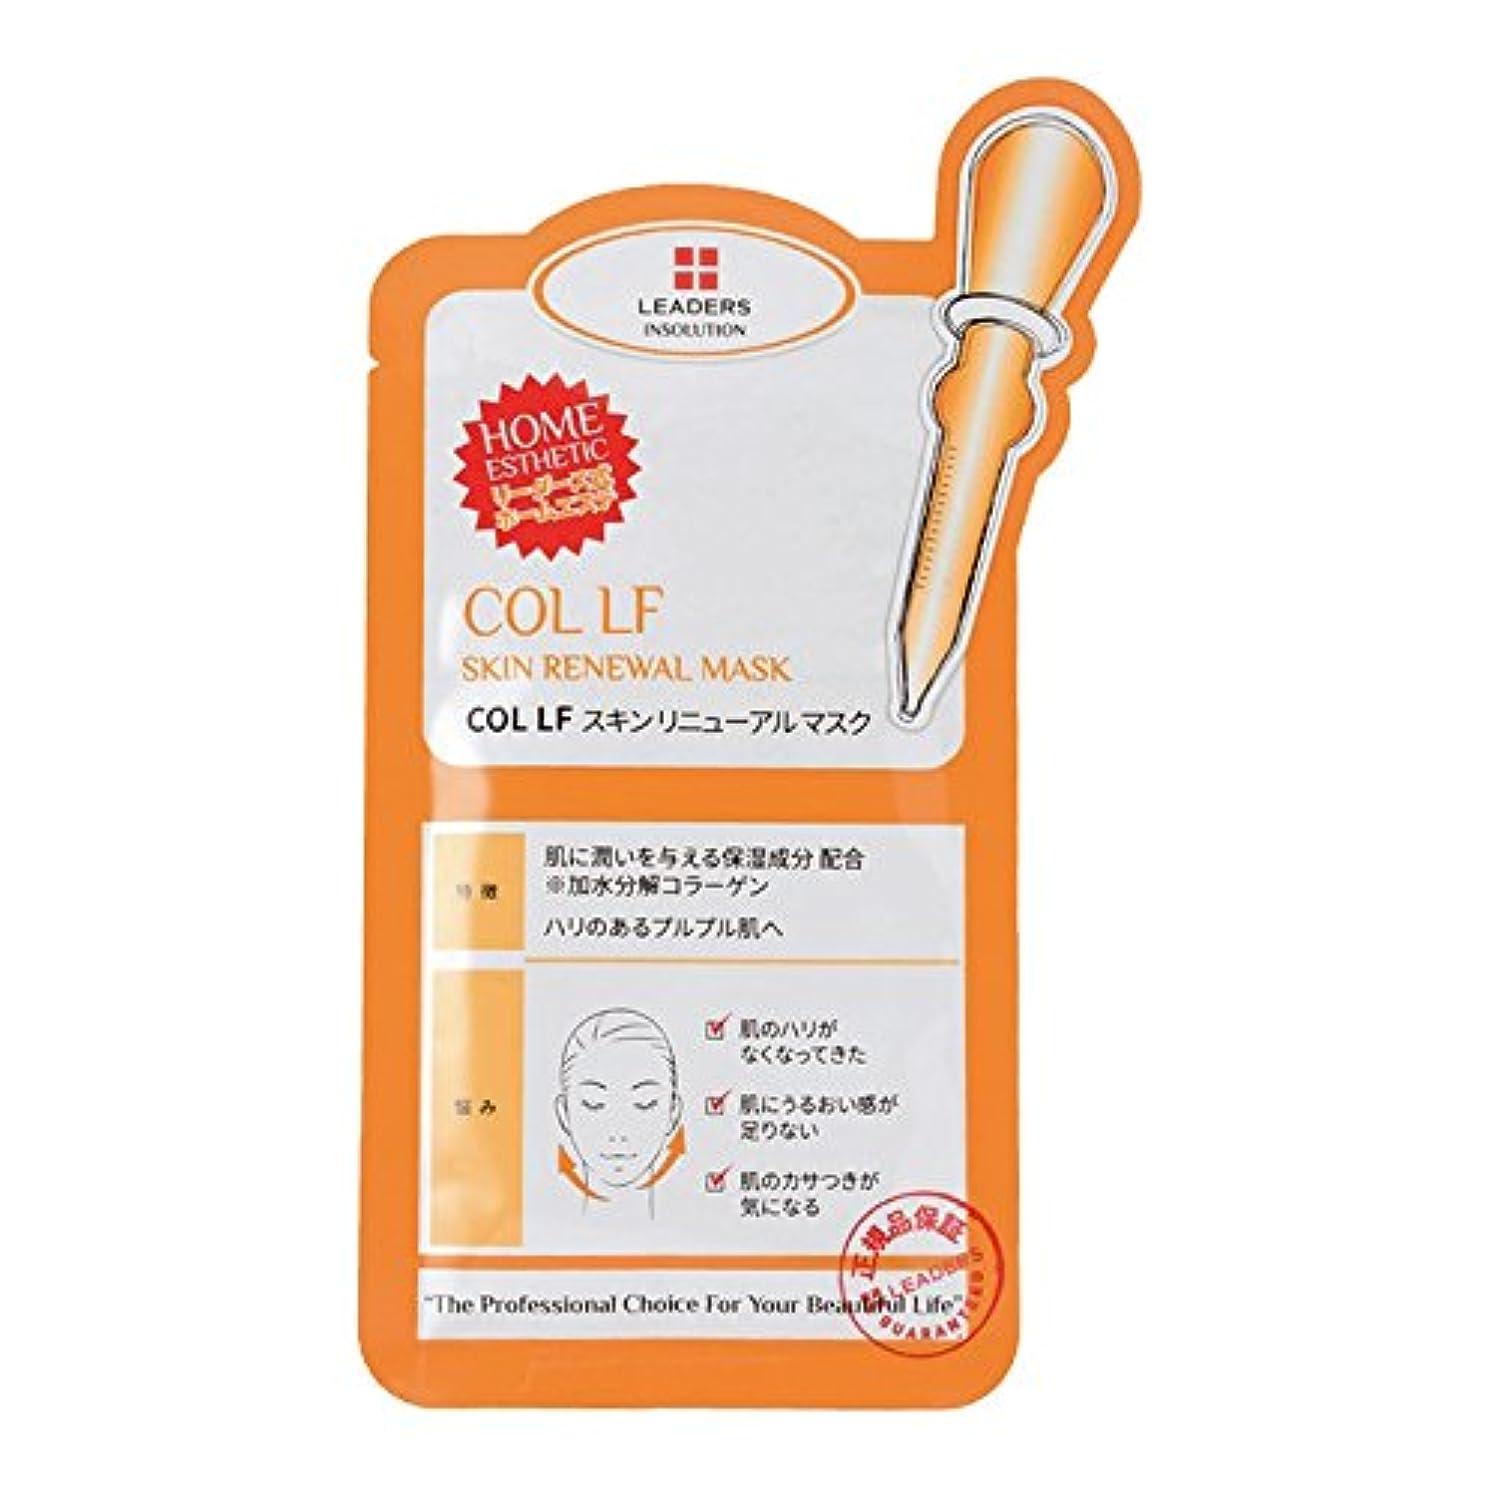 最も遠い息切れ群衆日本限定版 国内正規品 LEADERS リーダース コラーゲンリフティング スキンリニュアル マスク 1枚 25ml ハリ ツヤ エイジングケア